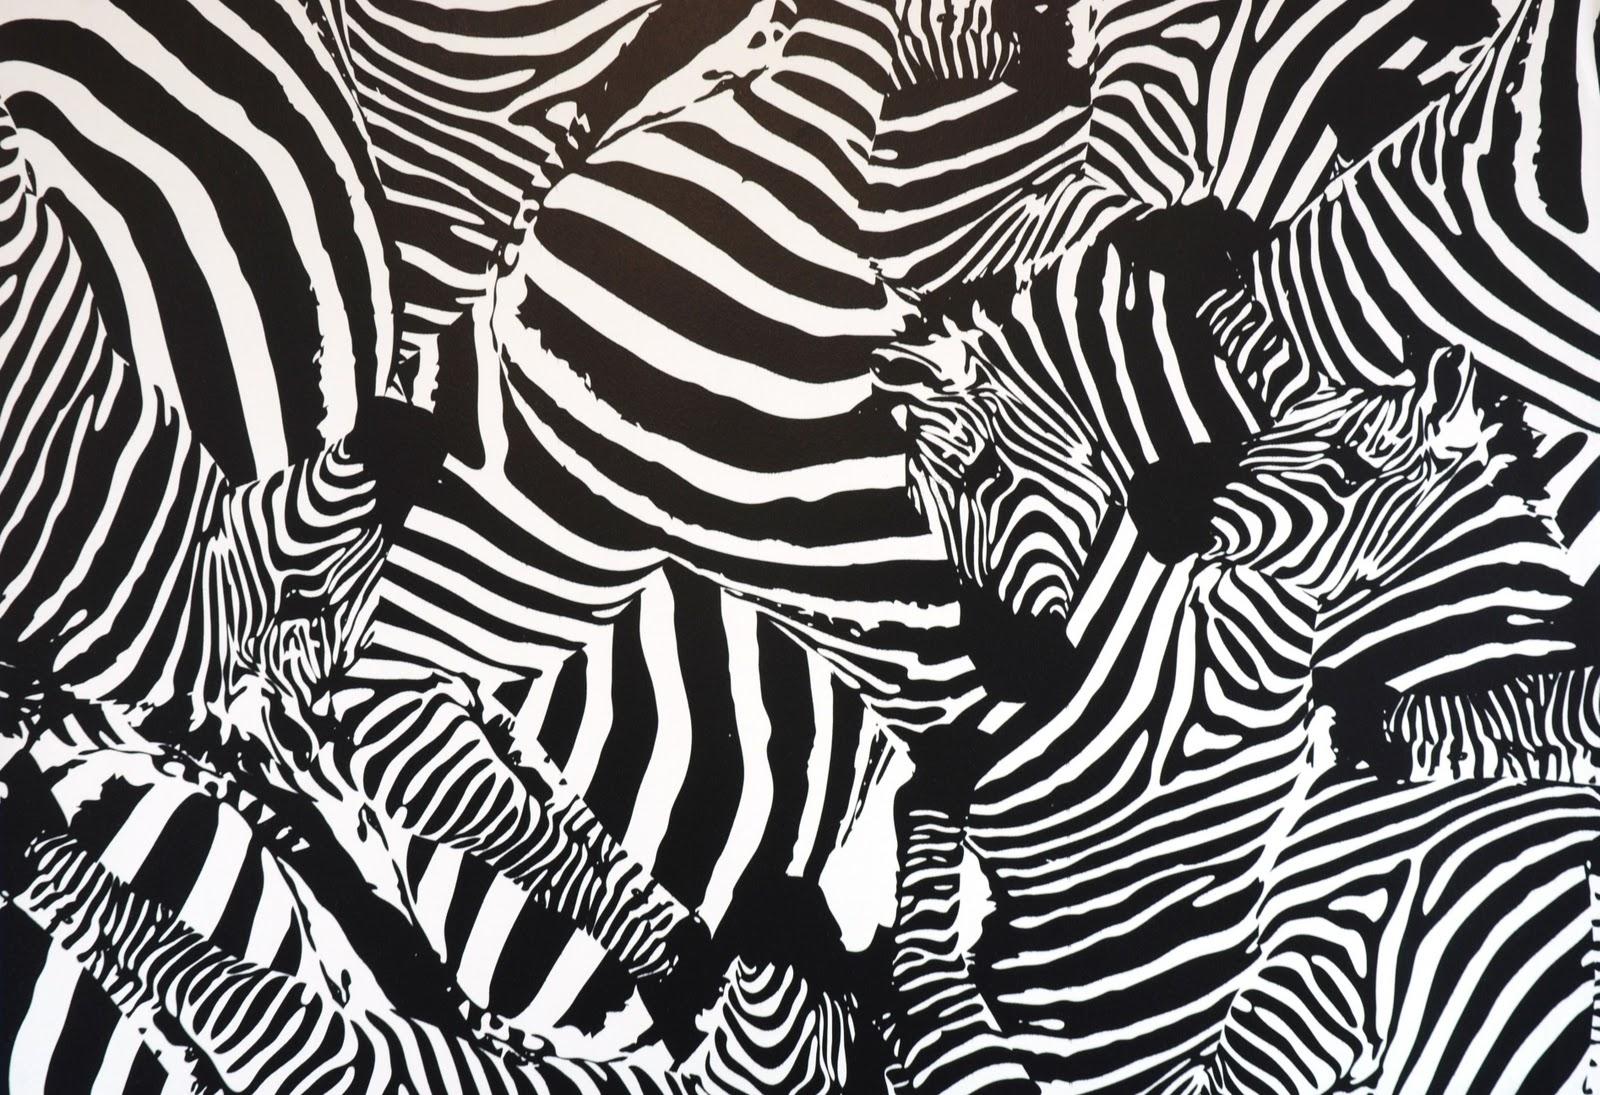 rouleau papier peint discount pau devis travaux immediat gratuit decoller papier peint produit. Black Bedroom Furniture Sets. Home Design Ideas